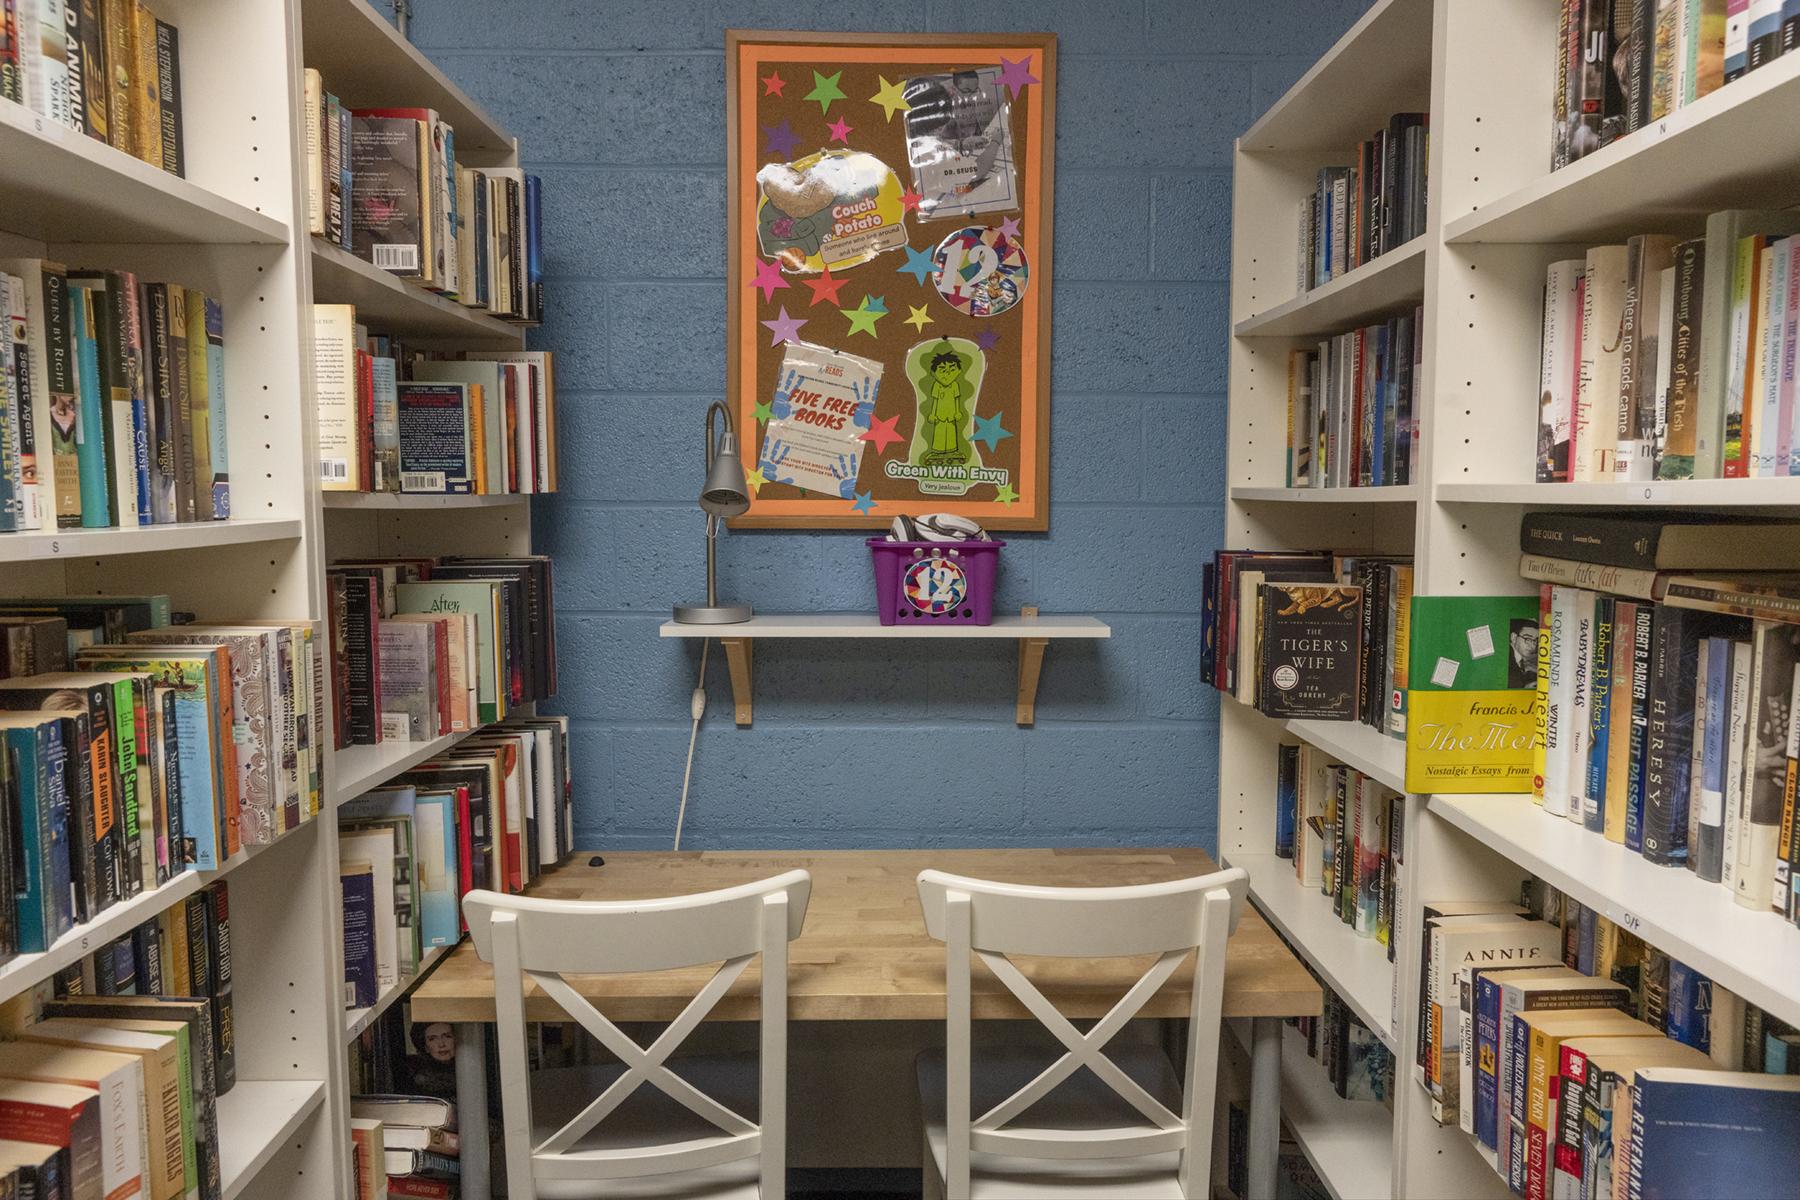 NHR tutoring station surrounded by bookshelves.